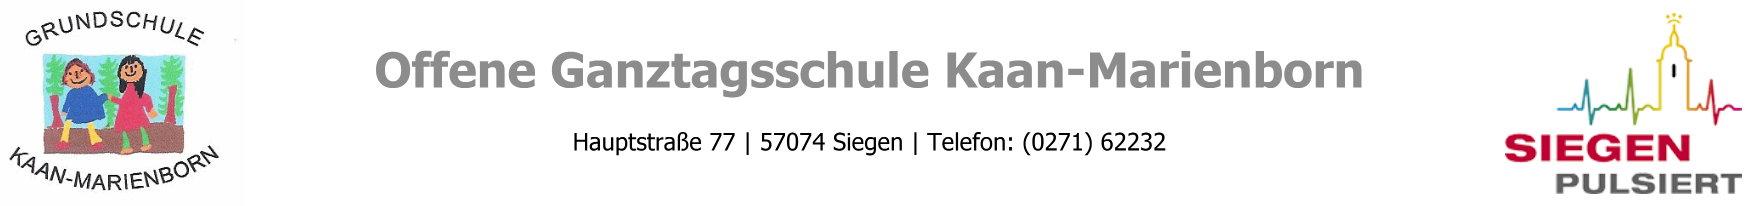 Grundschule Kaan-Marienborn (Siegen)